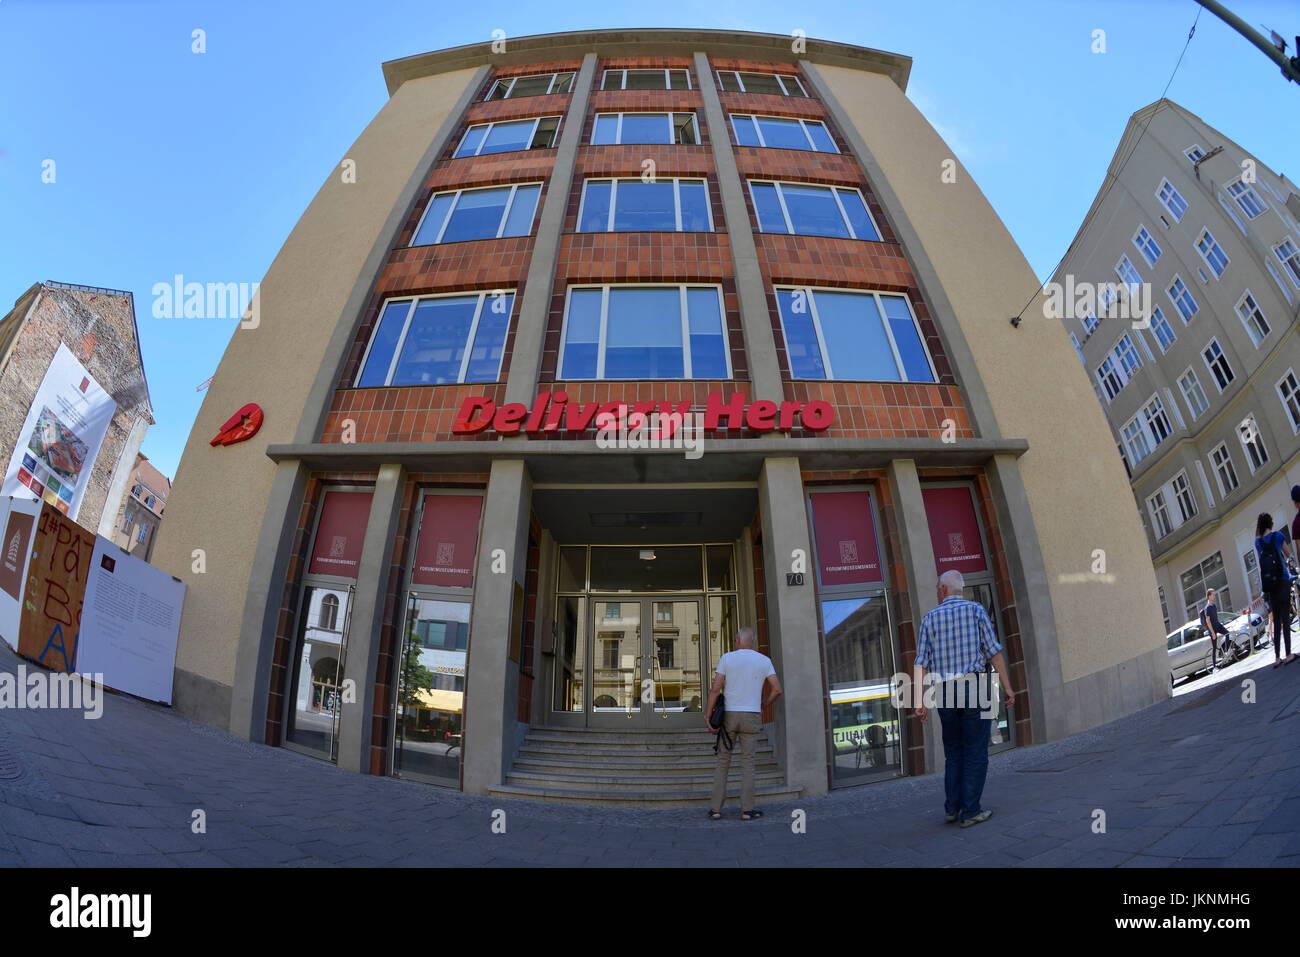 Delivery Hero, Oranienburger street, middle, Berlin, Germany, Oranienburger Strasse, Mitte, Deutschland - Stock Image